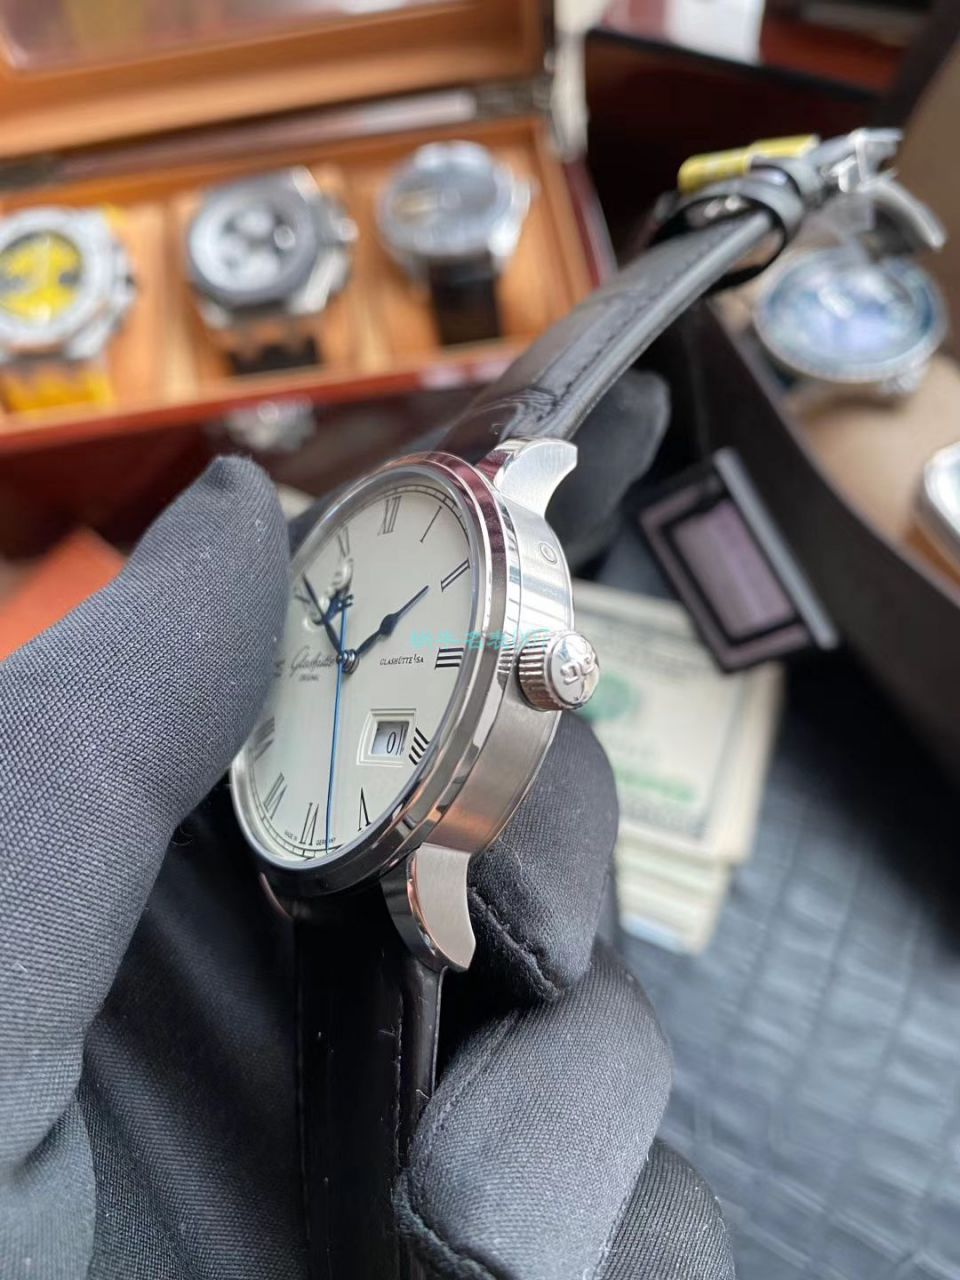 视频评测V9厂复刻手表格拉苏蒂原创议员100-04-32-12-50大日历